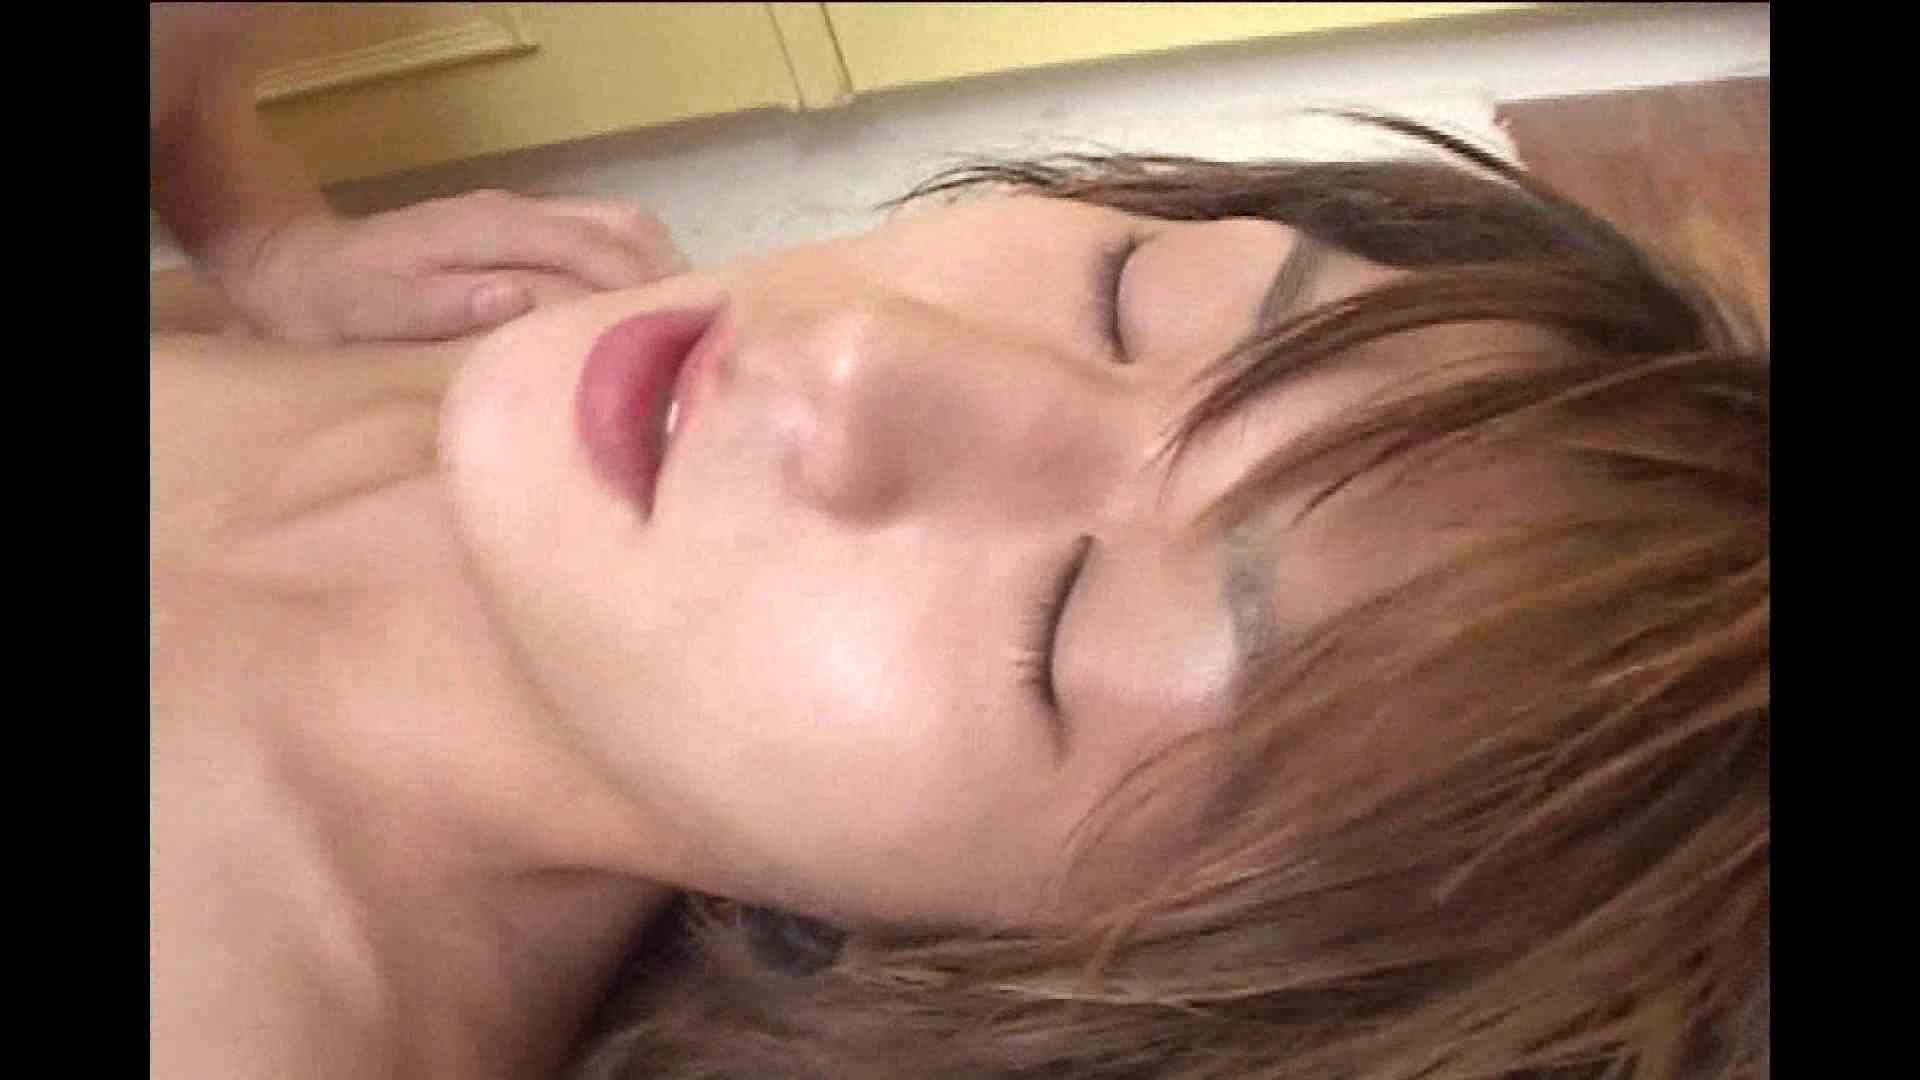 ヤリヤリ野郎共倶楽部vol.24後編 エロエロ動画   男・男・男  103枚 5